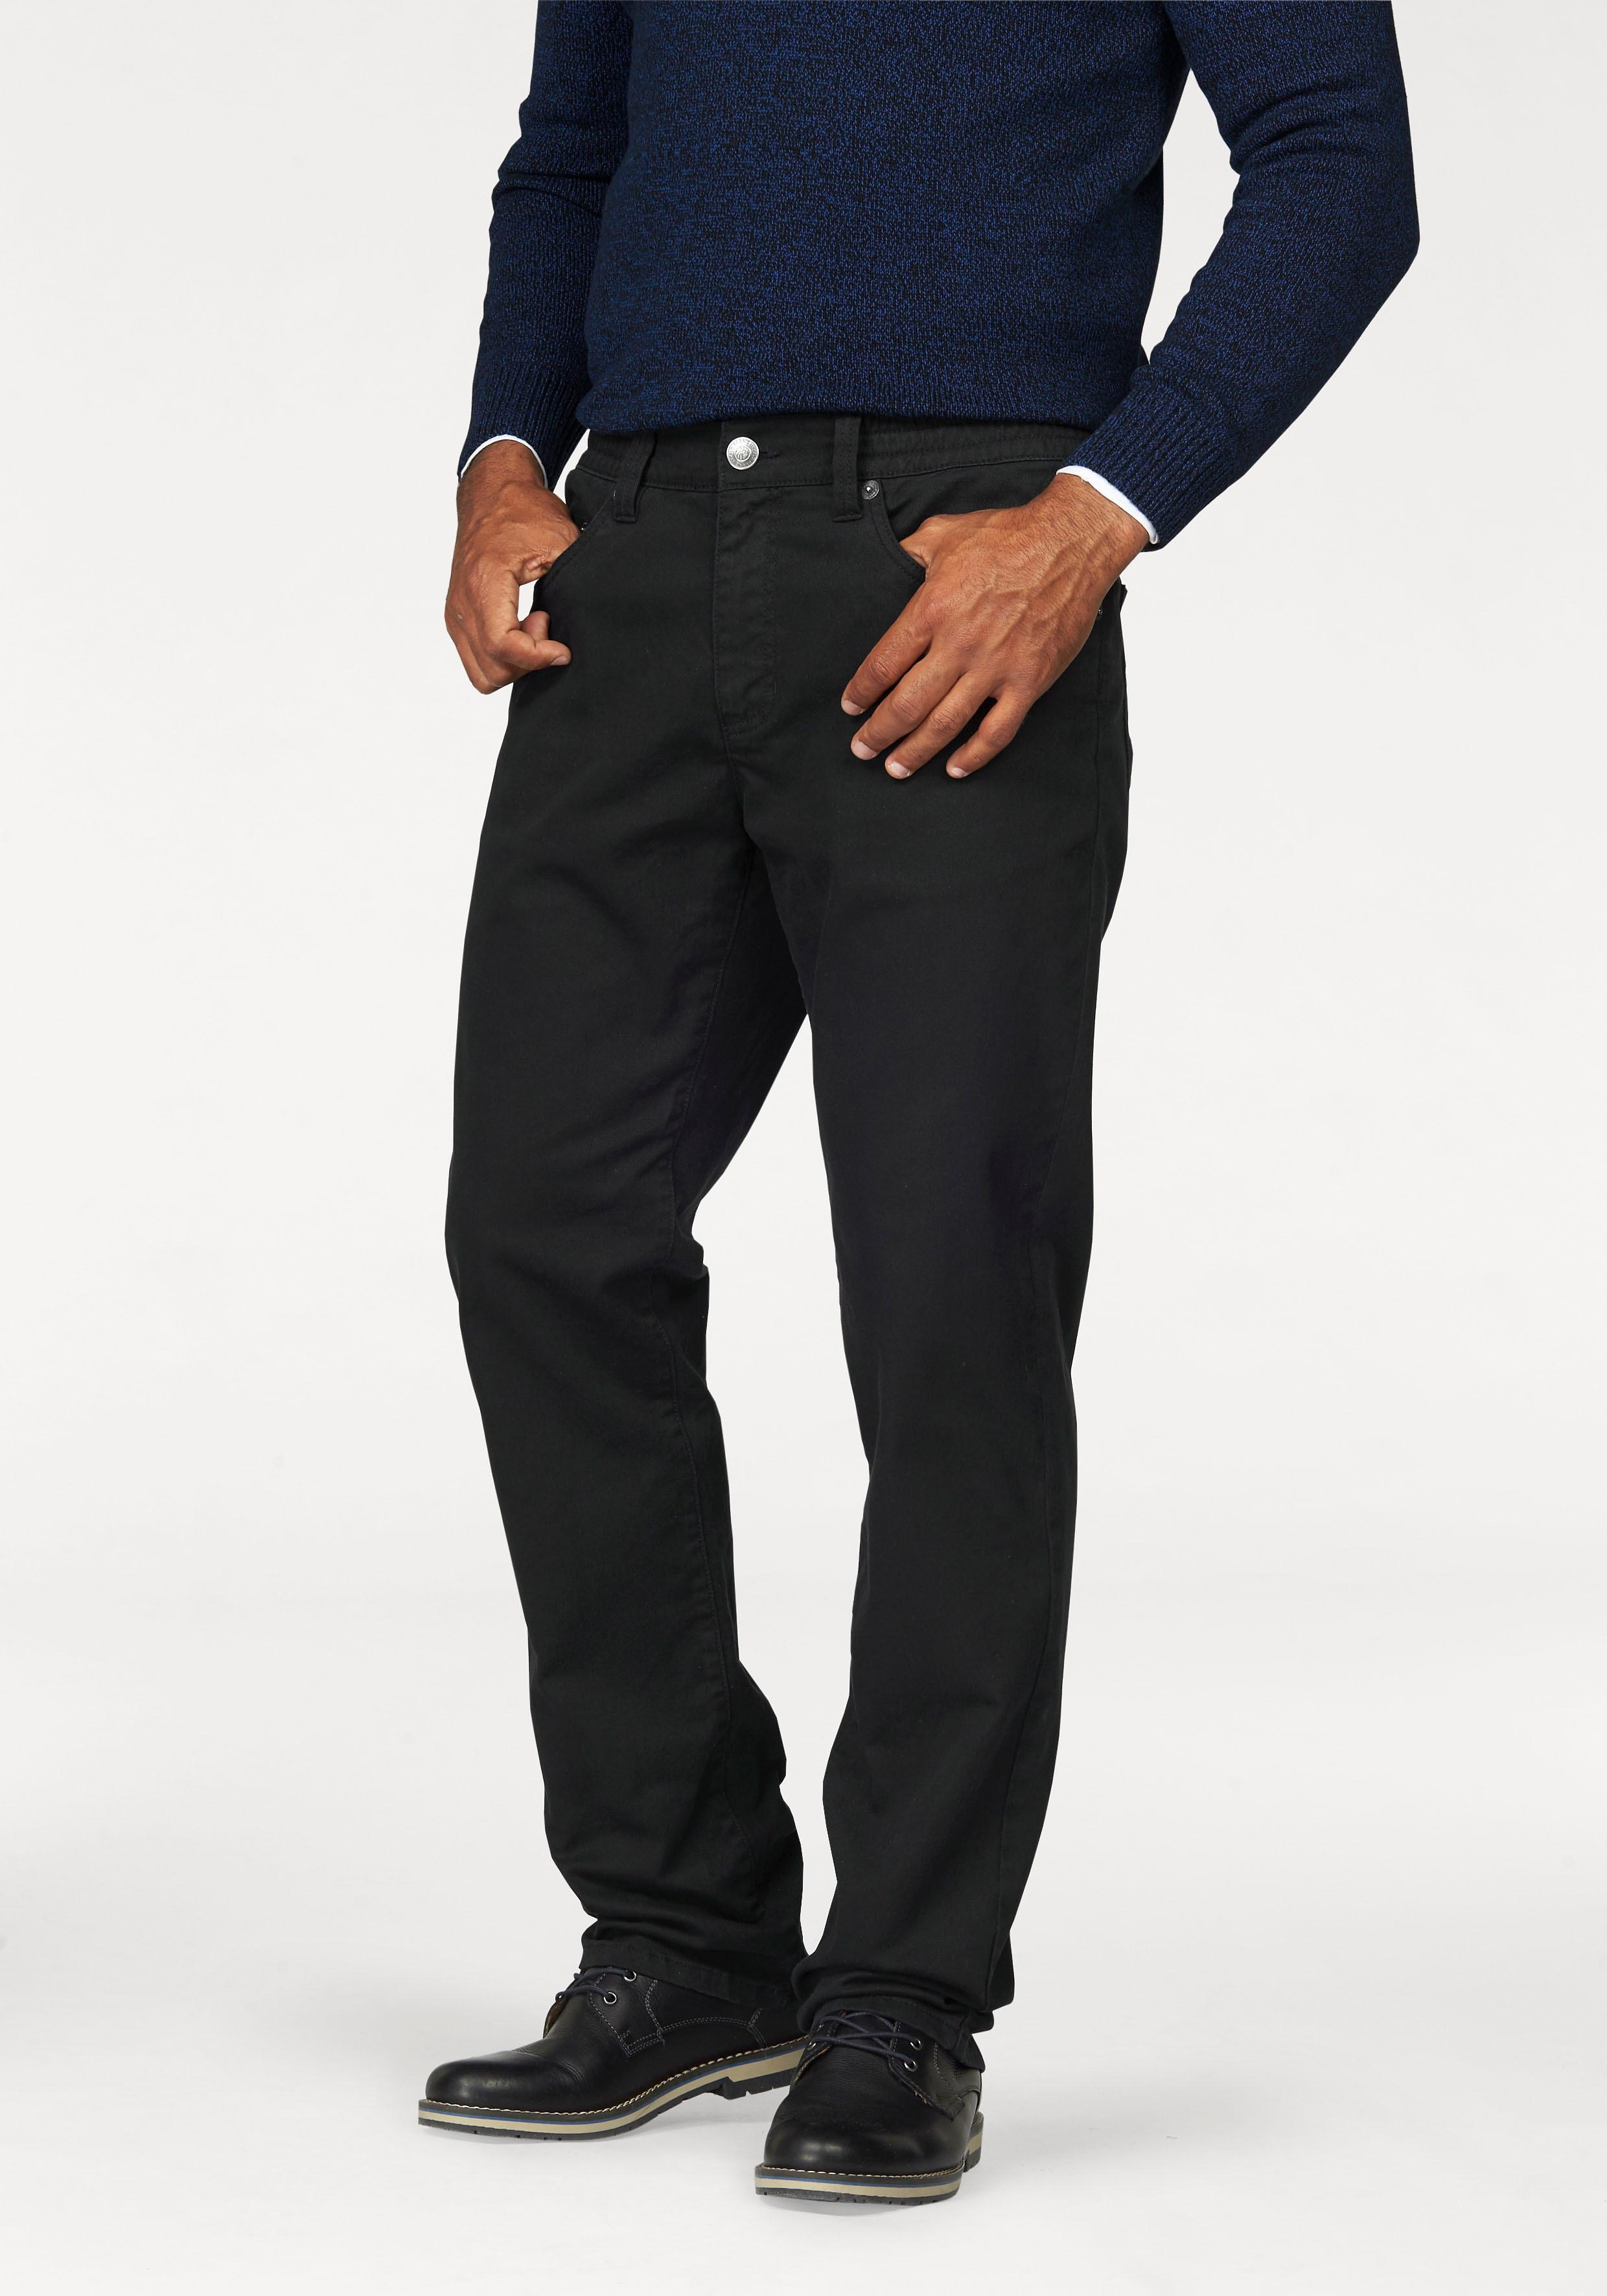 Man's World broek met elastische band Stretch - comfortabel met elastiek opzij voordelig en veilig online kopen